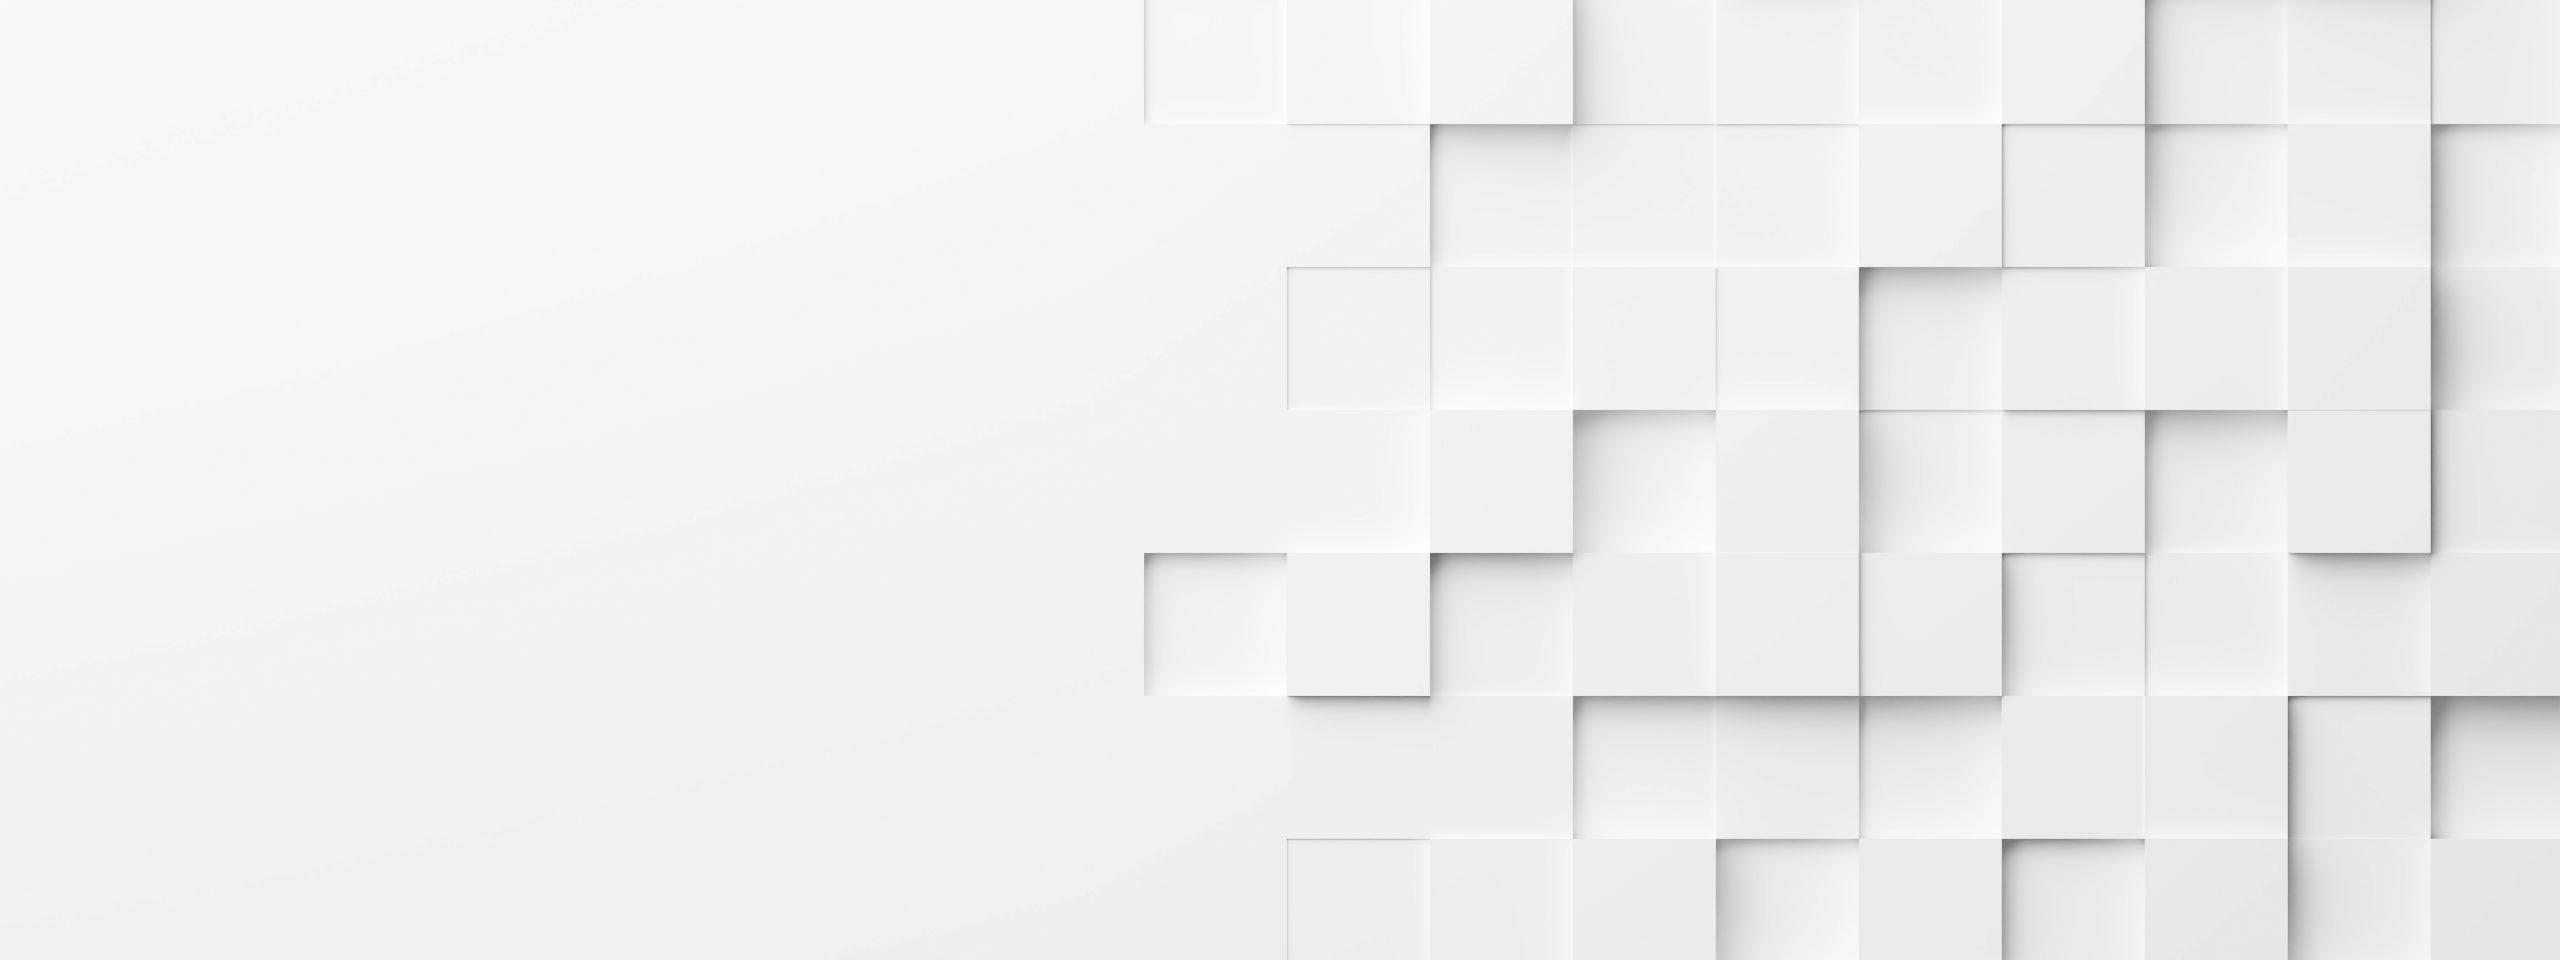 Sage Evolution Integration Developers